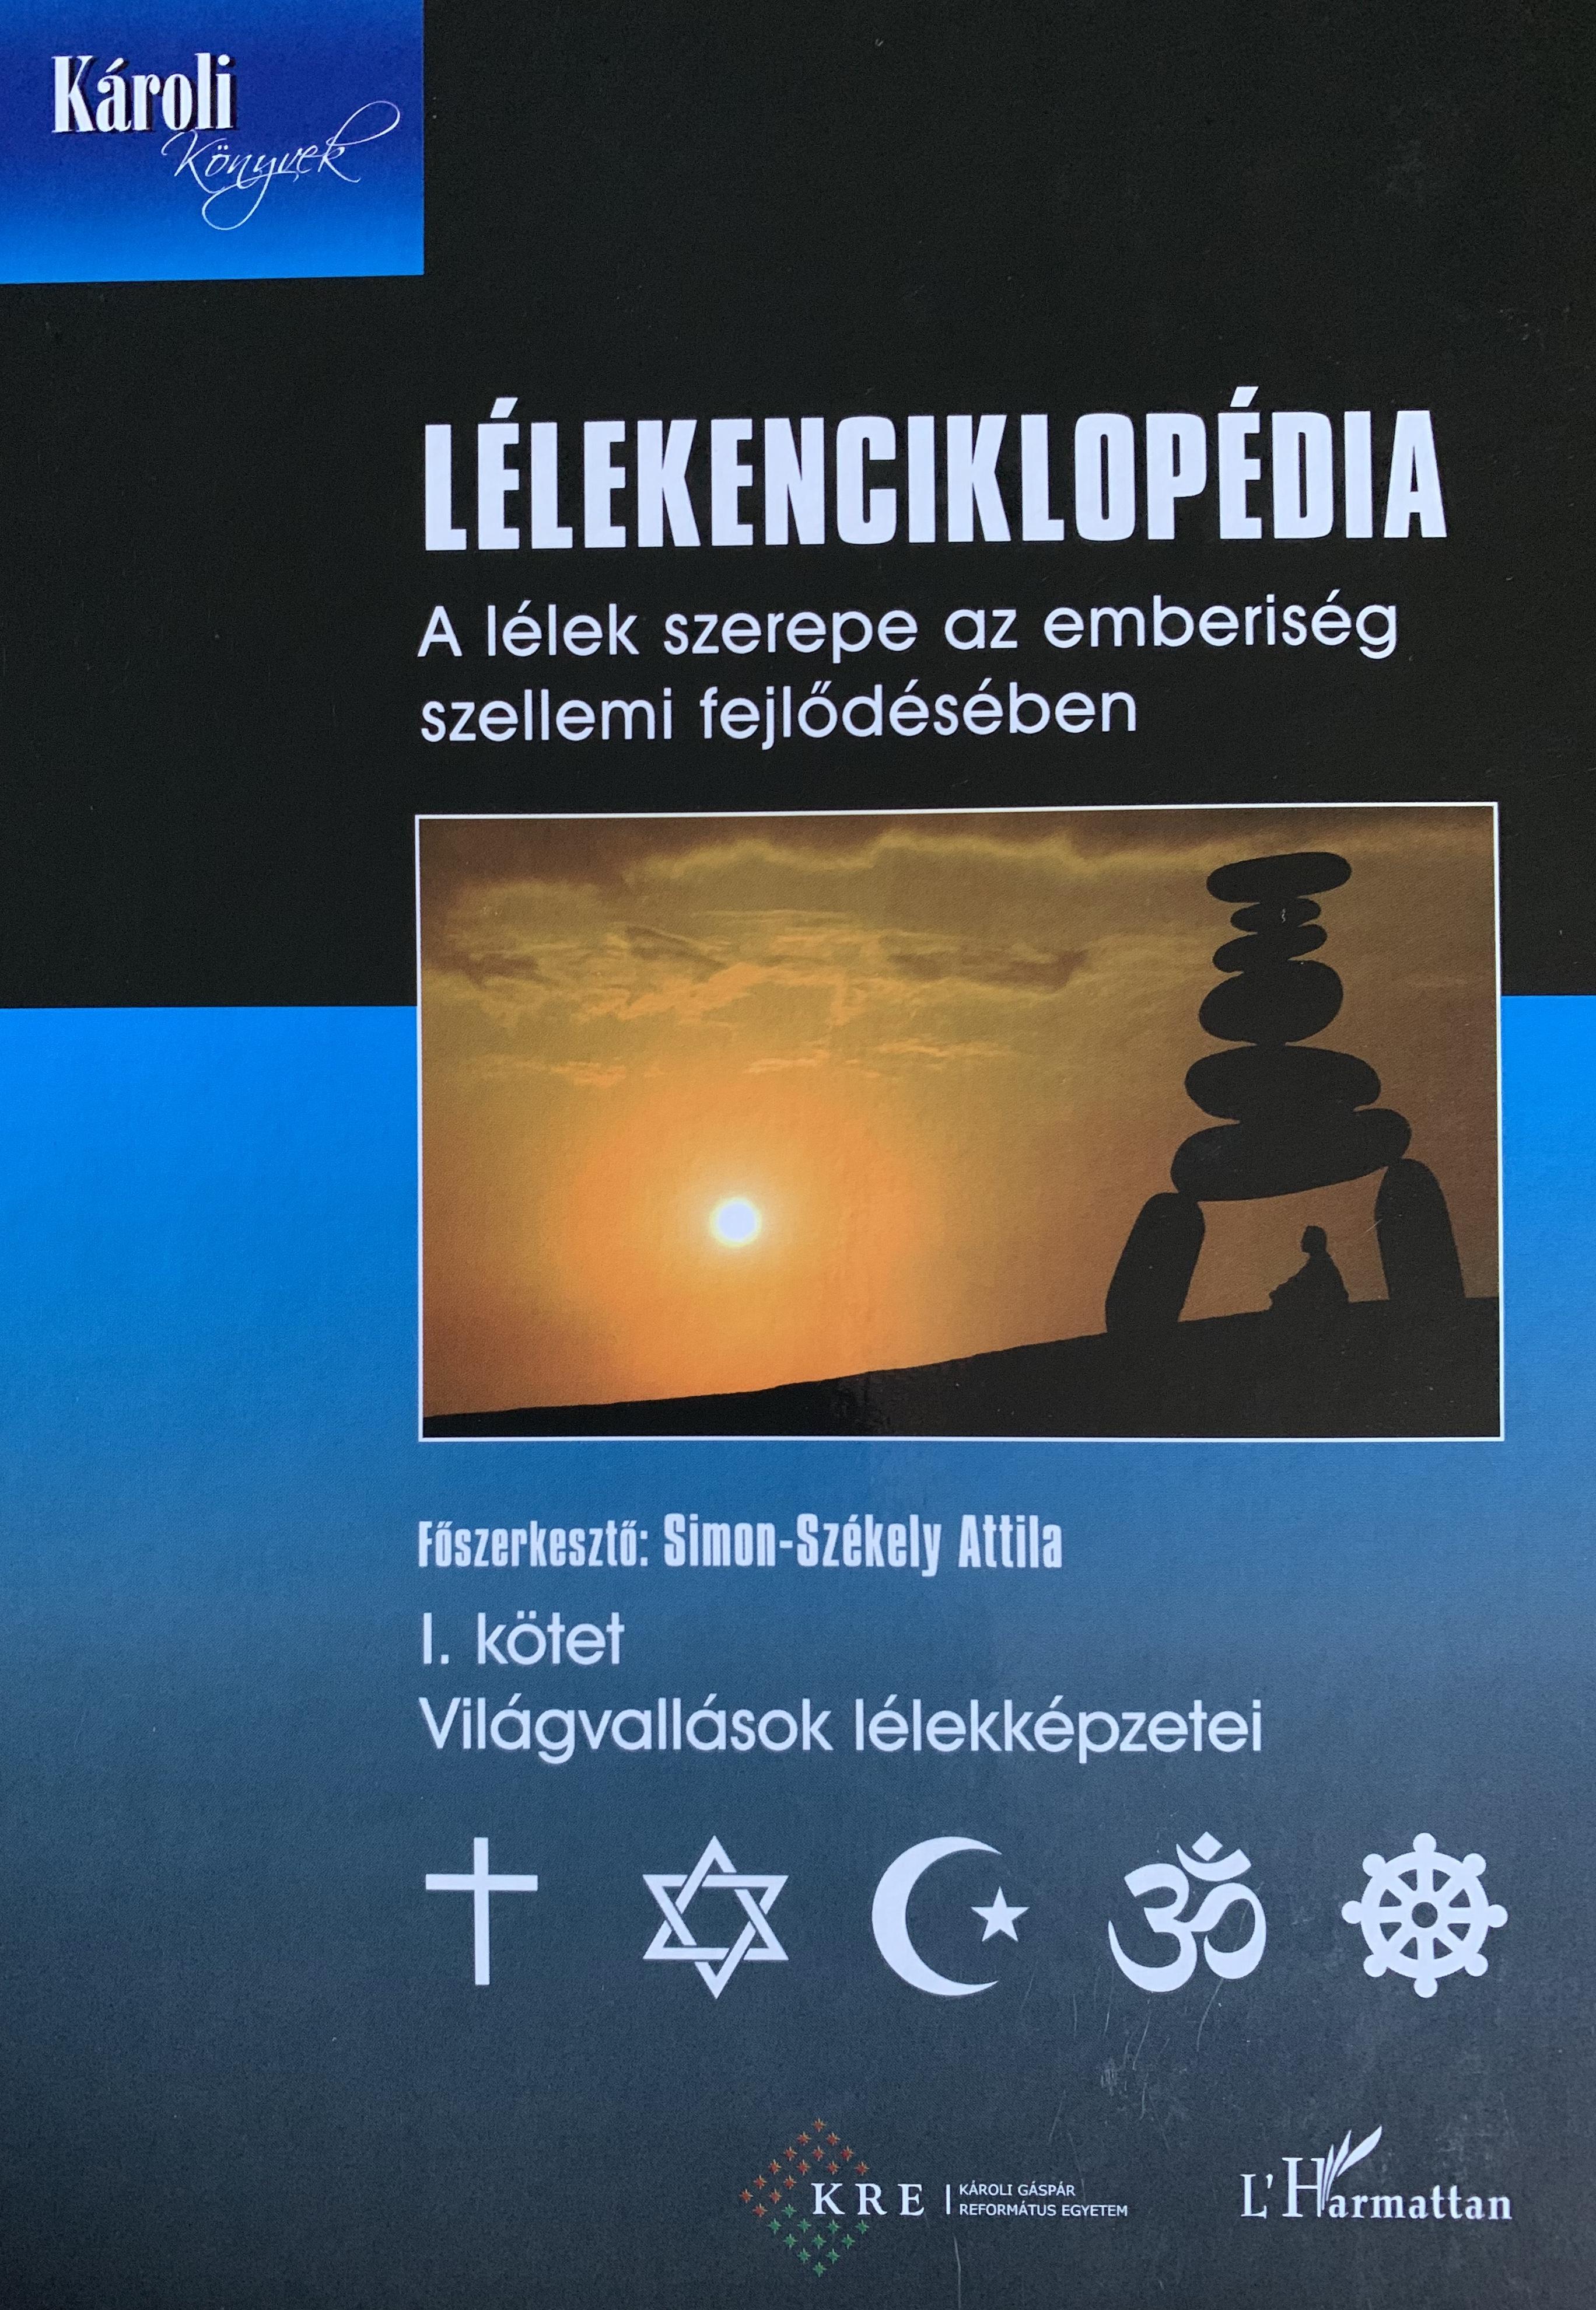 lelekenciklopedia_01.jpg